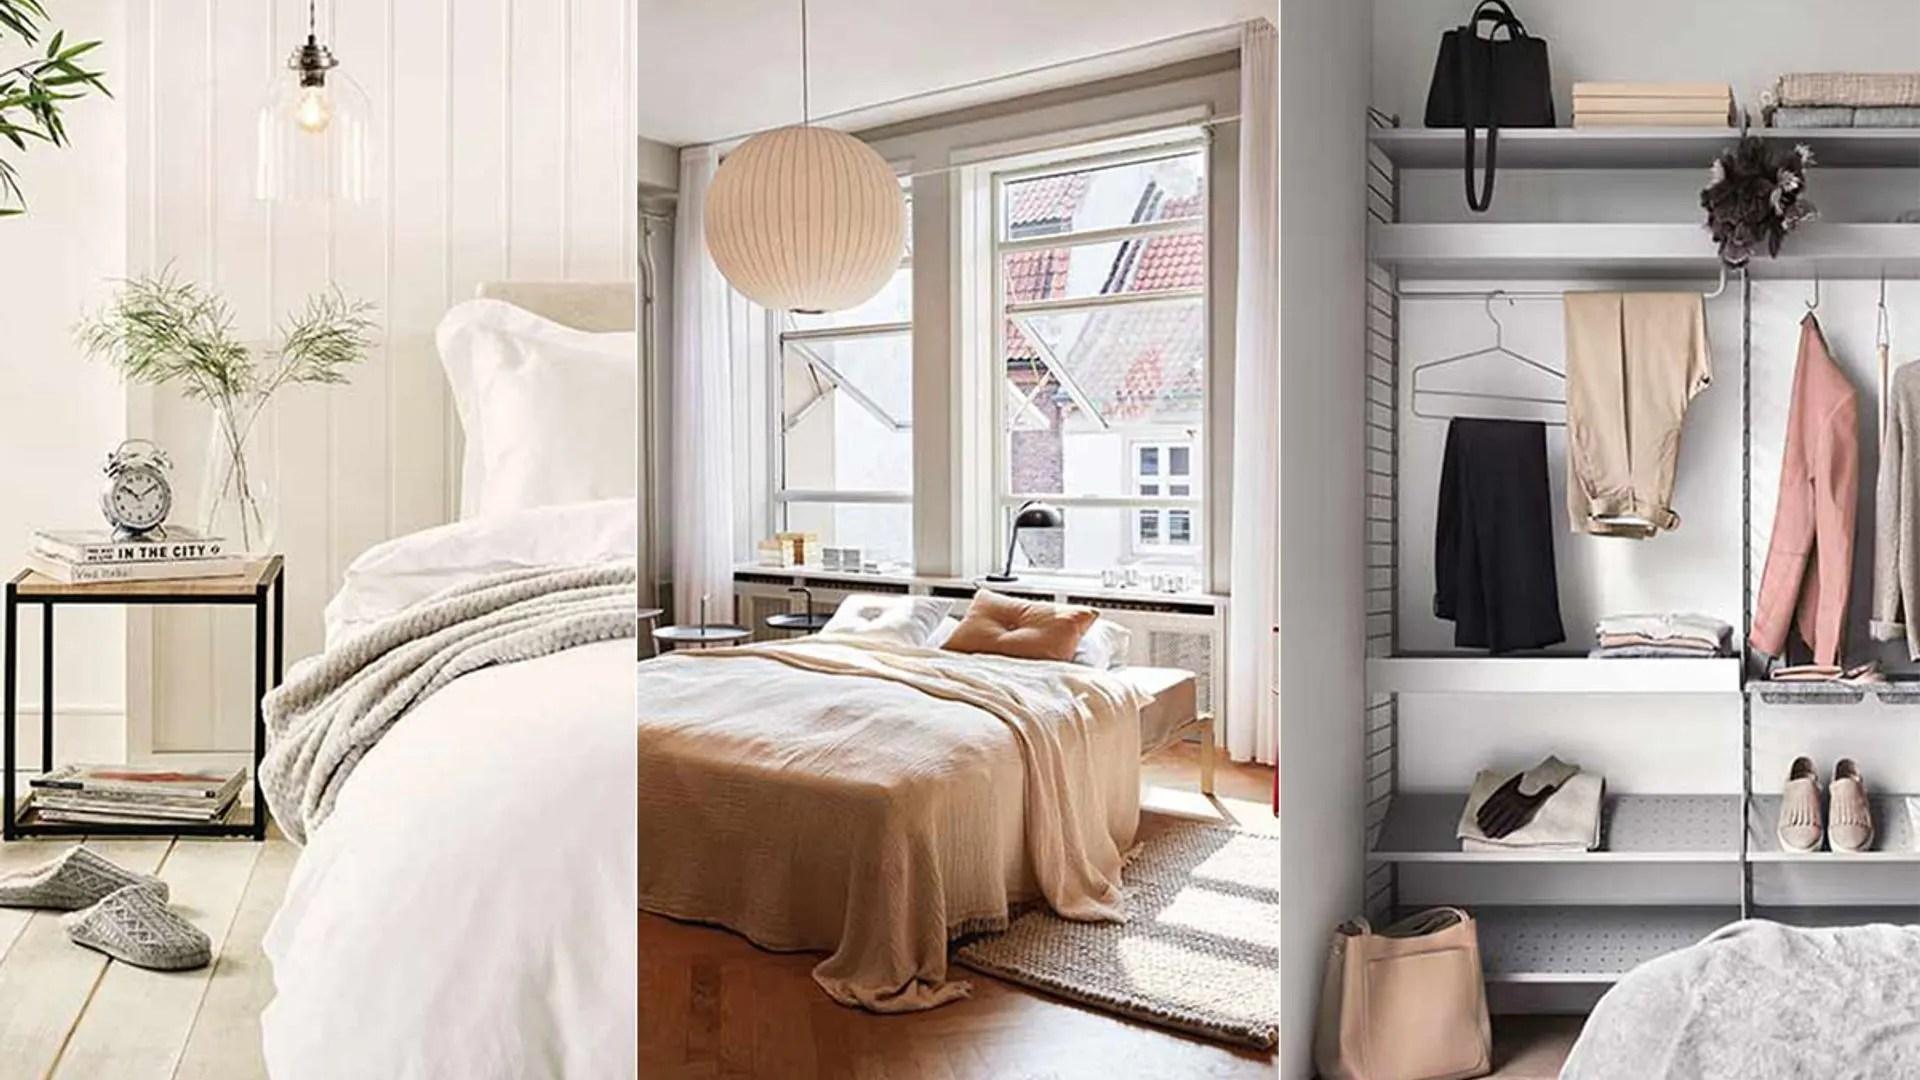 8 minimalist bedroom ideas for a stylish space | HELLO! on Bedroom Minimalist Ideas  id=58590